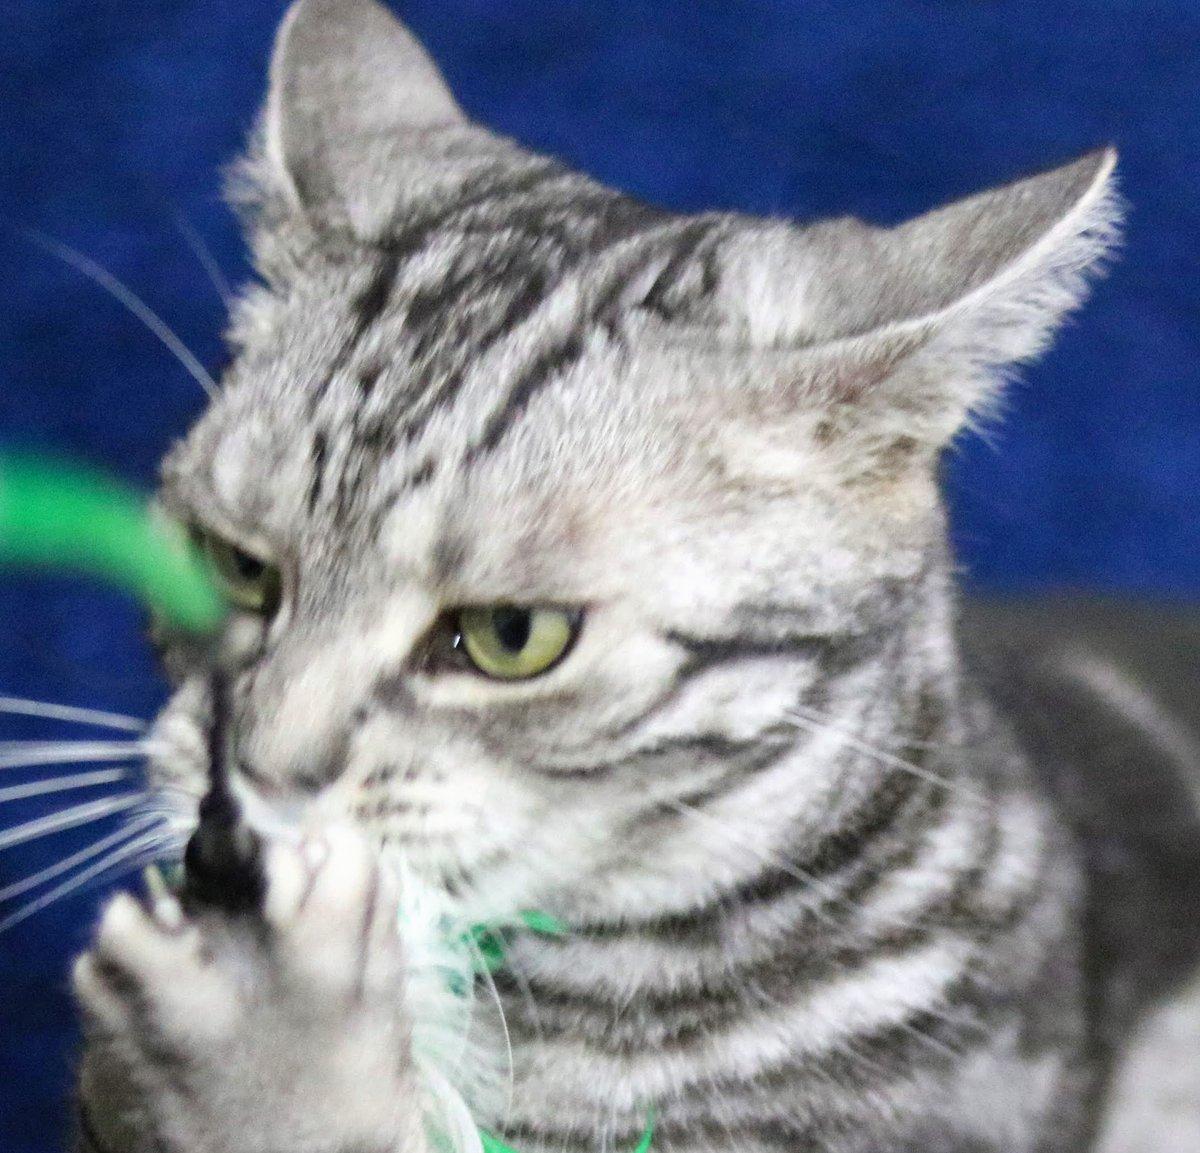 おはようございます  ここにもいました メフィラス星人  #猫カフェ #ニャンタジスタ #マイネル #アメリカンショートヘア #メフィラス星人 #スタッフも頑張ります #いっぱい遊びます #大阪 #八尾市 #近鉄河内山本駅すぐ #猫好きさんと繋がりたいpic.twitter.com/4t61XjBLhm